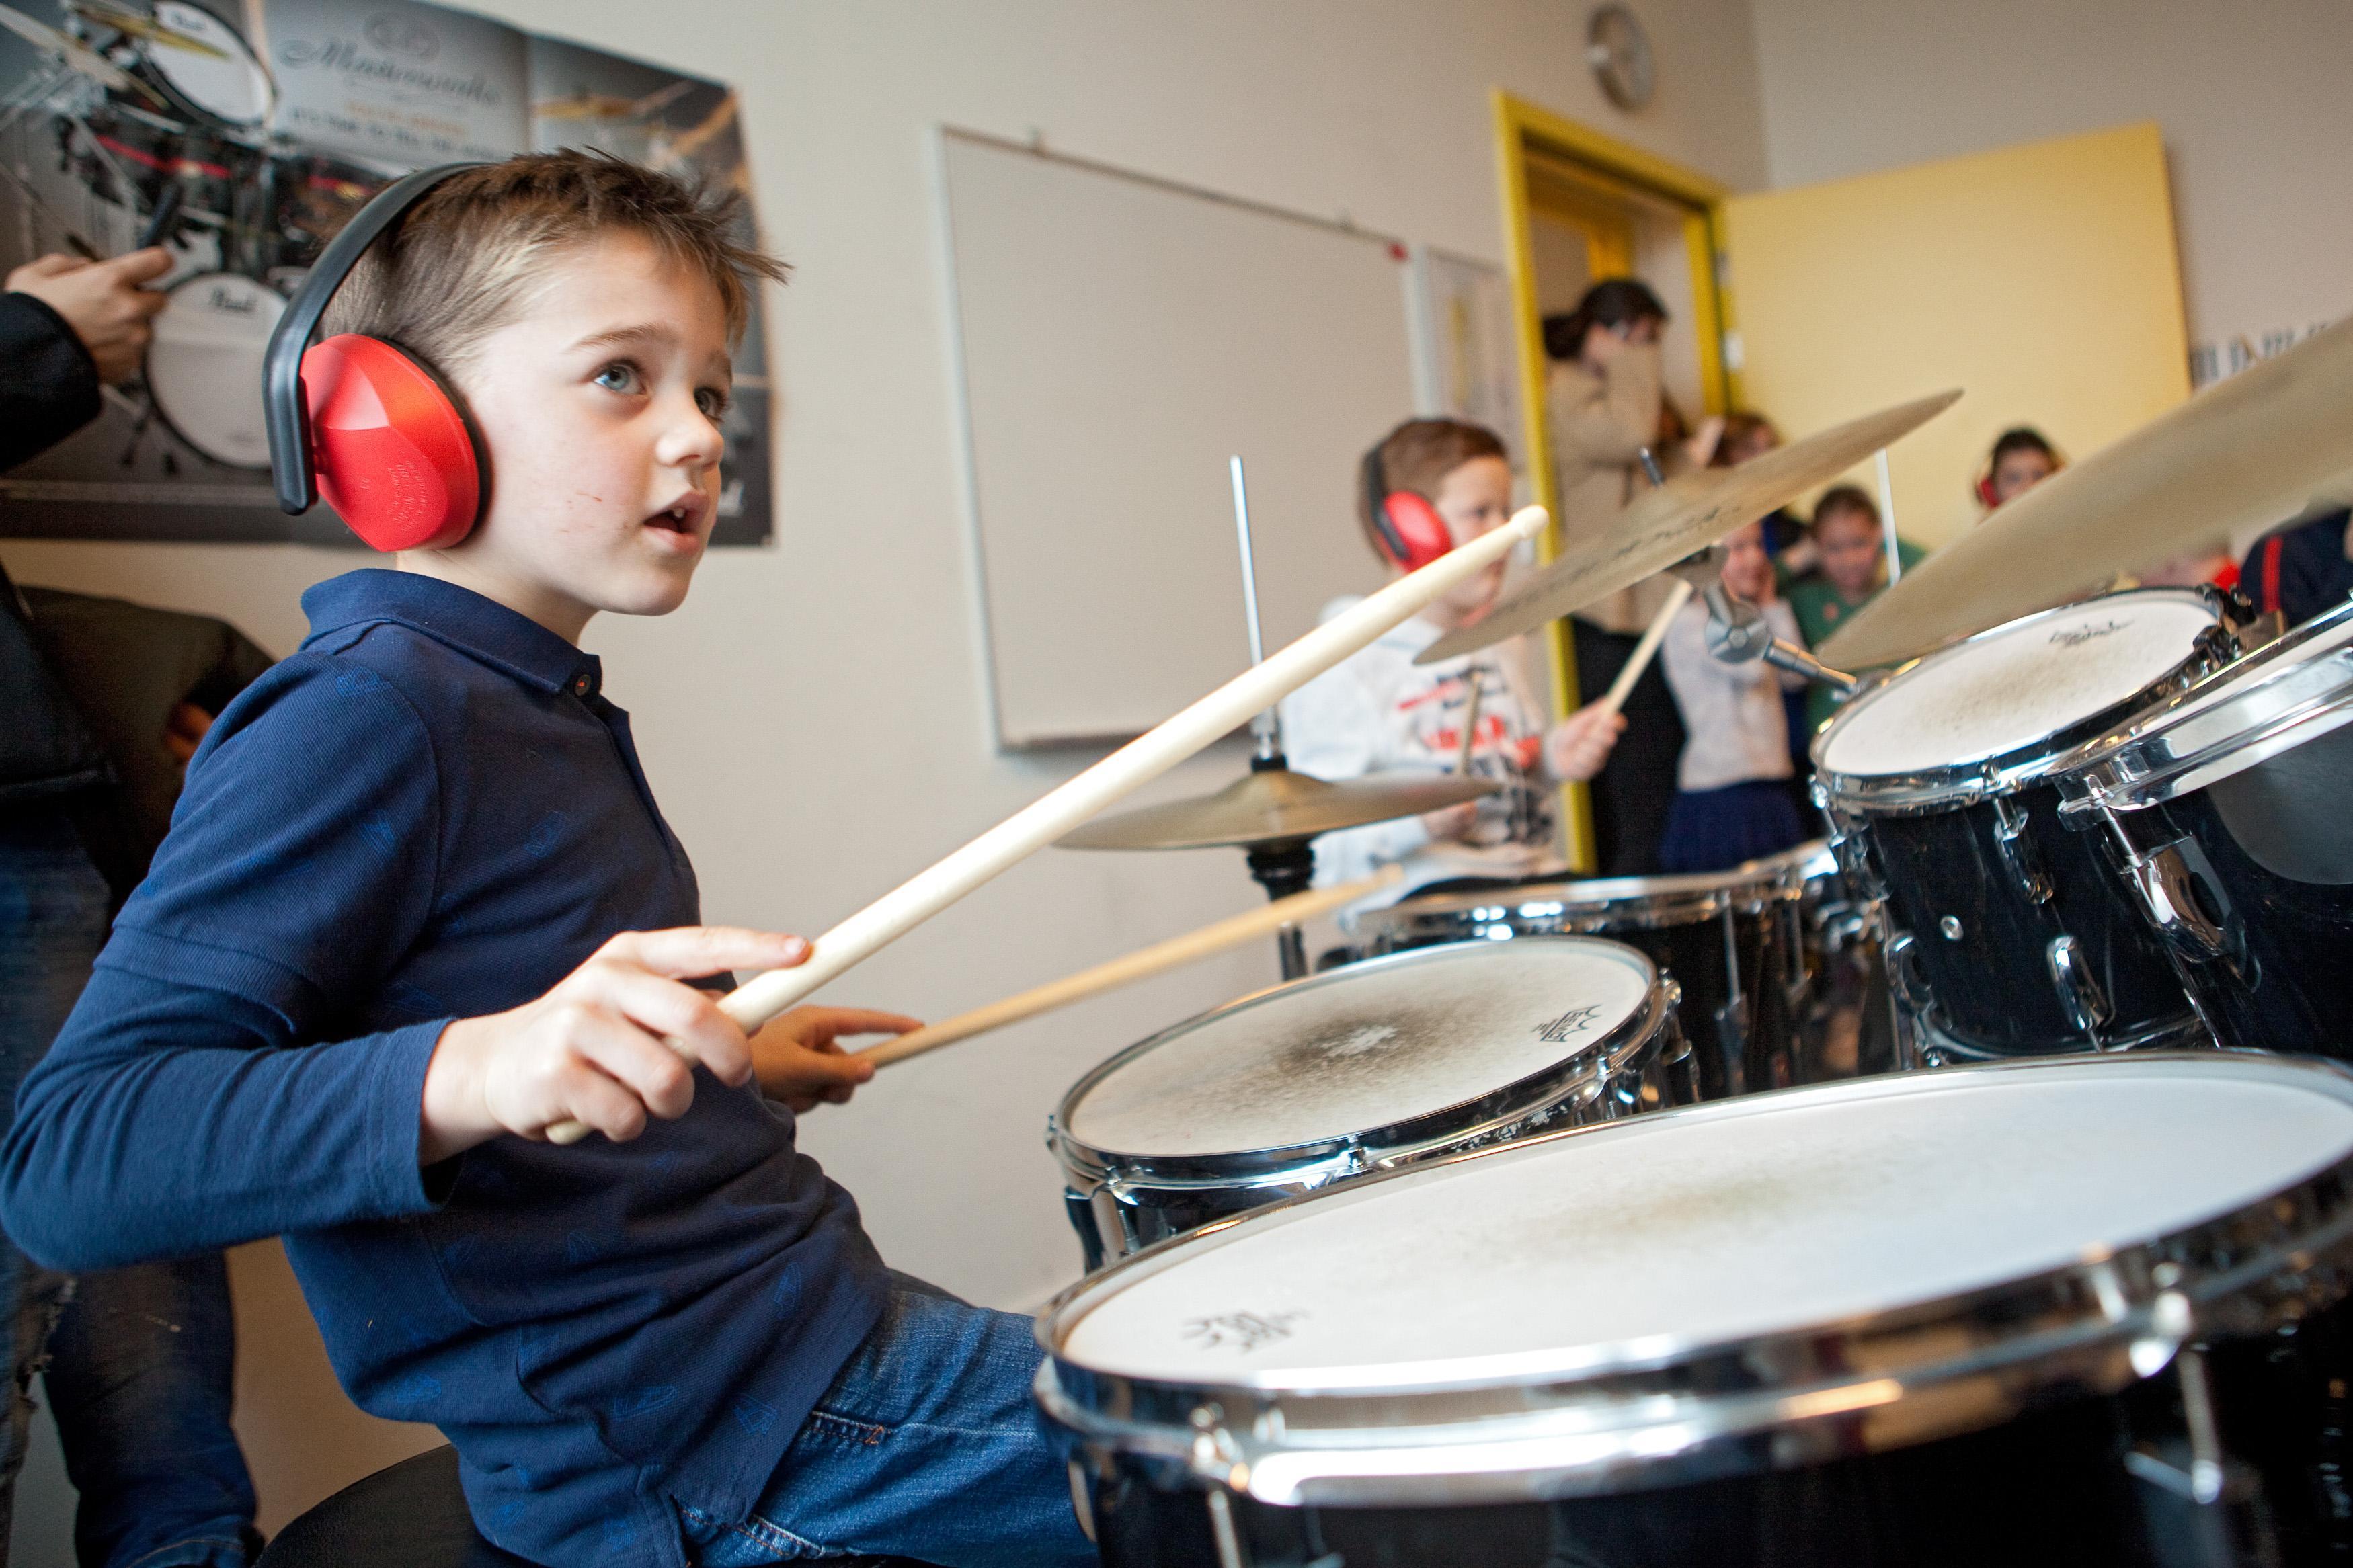 Kinderen spelen op muziekinstrumenten tijdens open dag van Centrum voor de Kunsten in Beverwijk. De ouders kijken per iPad mee. 'Best belangrijk, want zij moeten de lessen betalen'